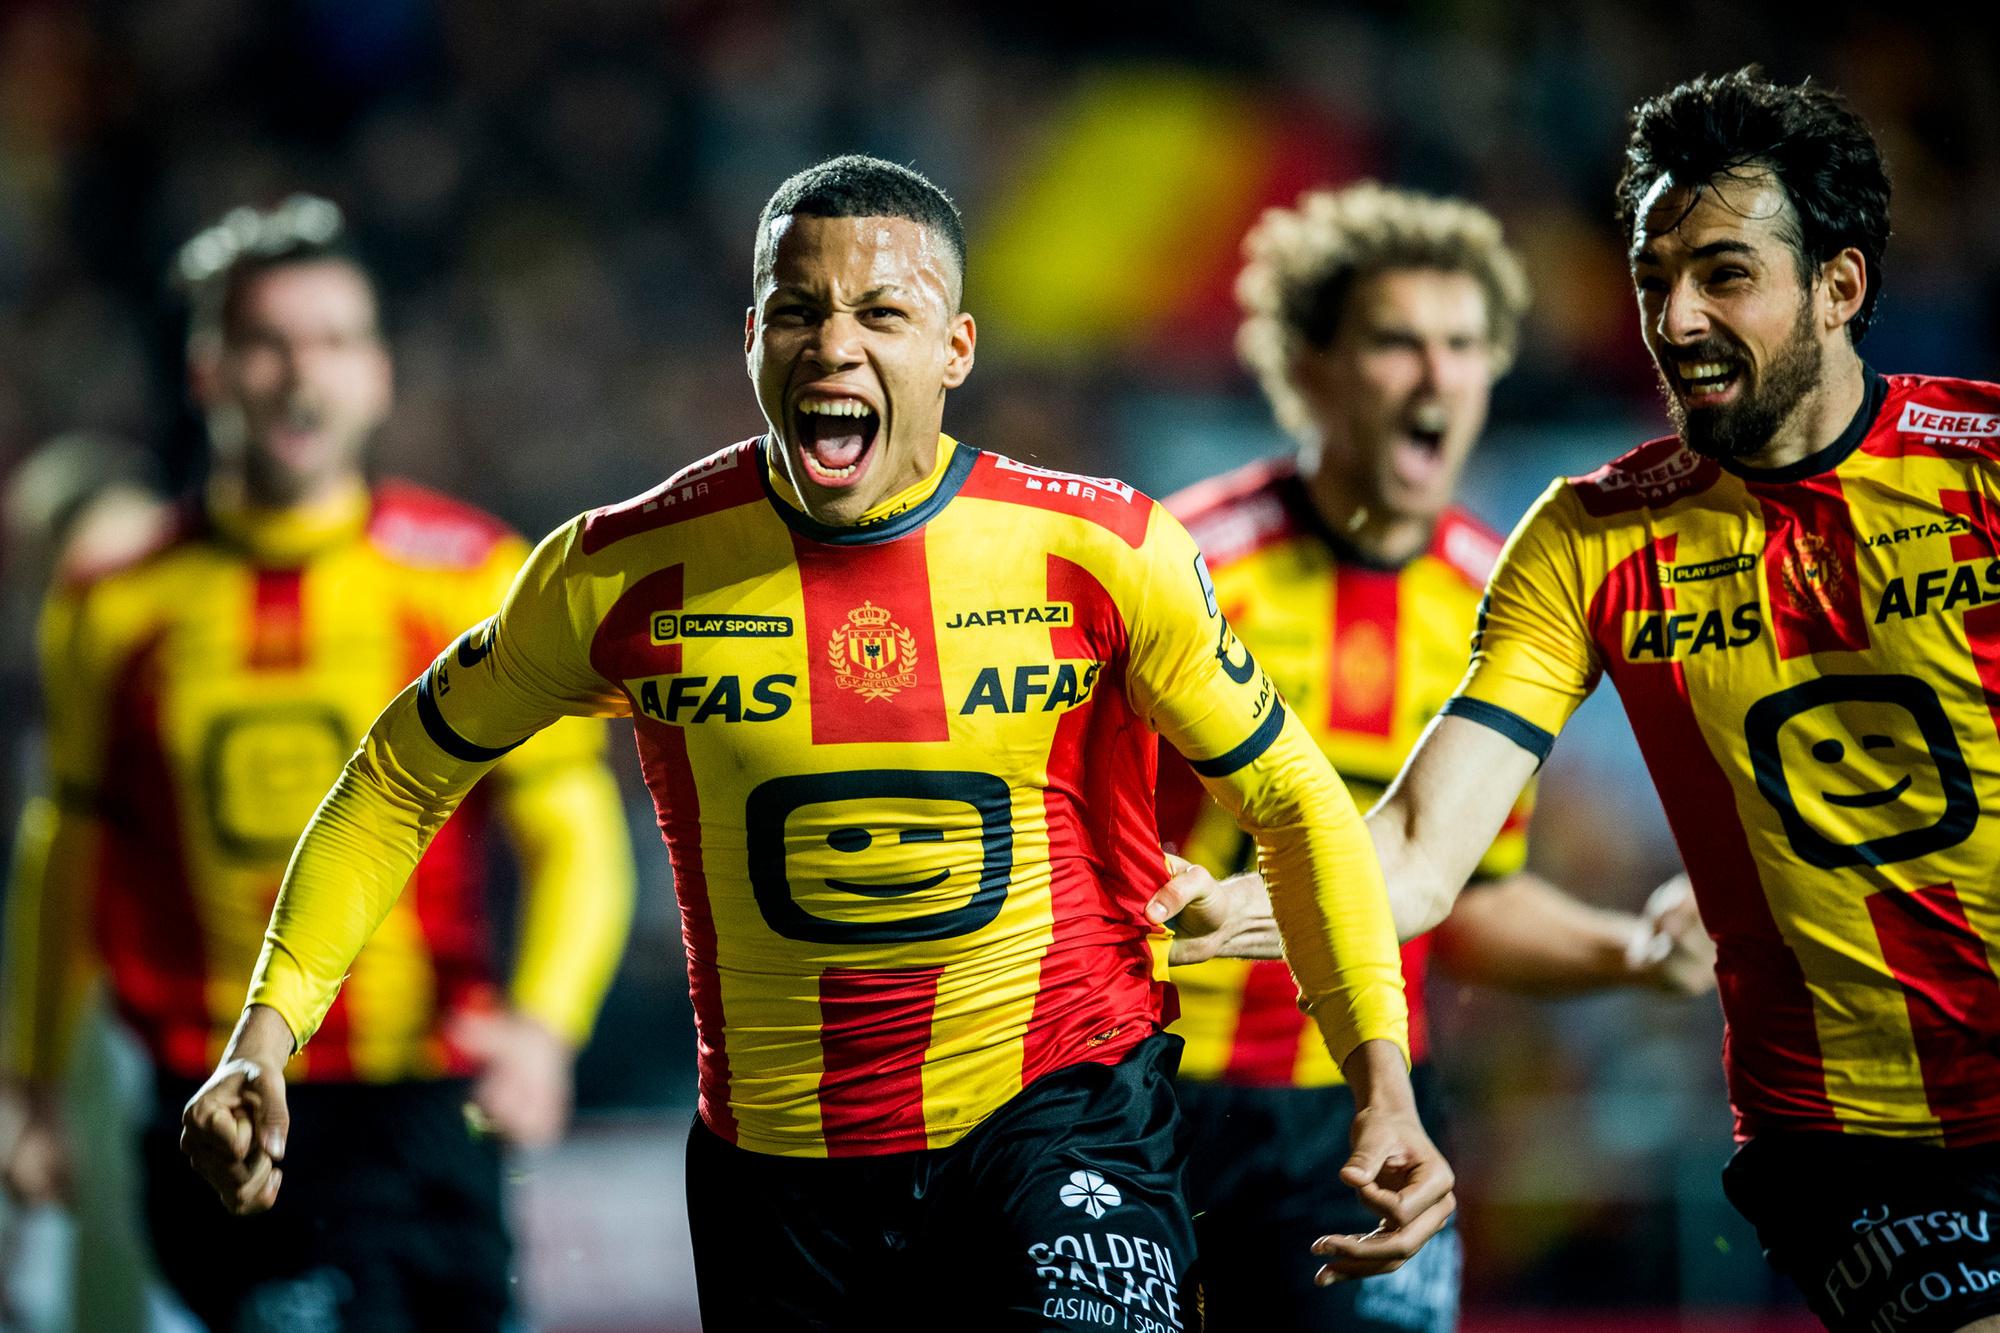 Aster Vranckx is al op zijn zeventien vaste basisspeler bij seizoensrevelatie KV Mechelen., Belga Image